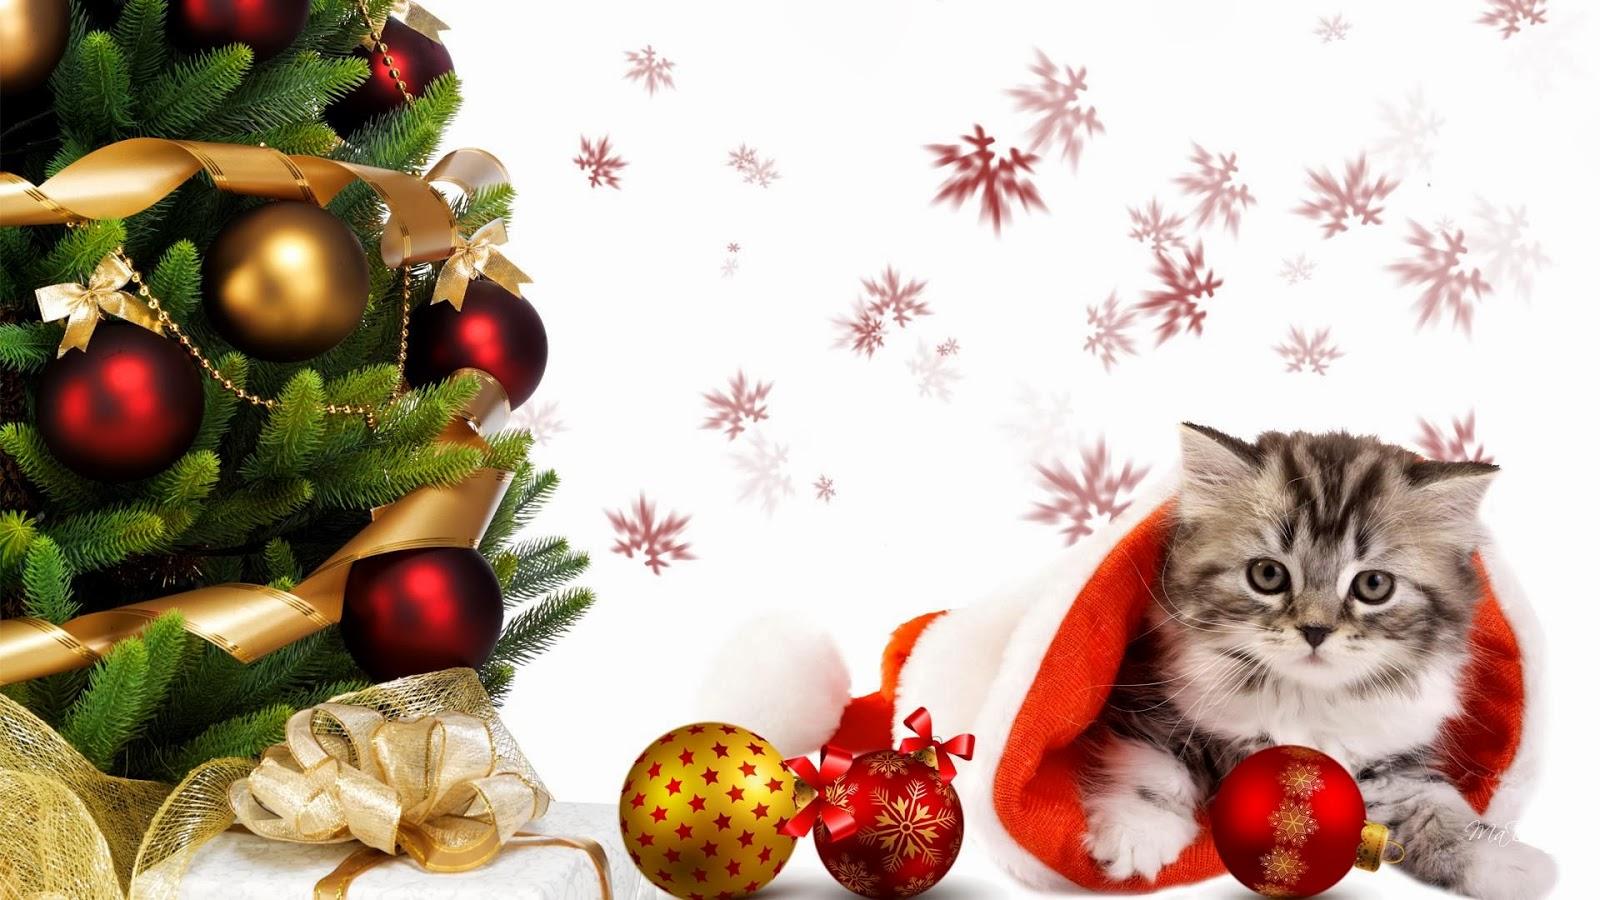 Banco de im genes 28 im genes navide as realmente - Las mejores felicitaciones navidenas ...